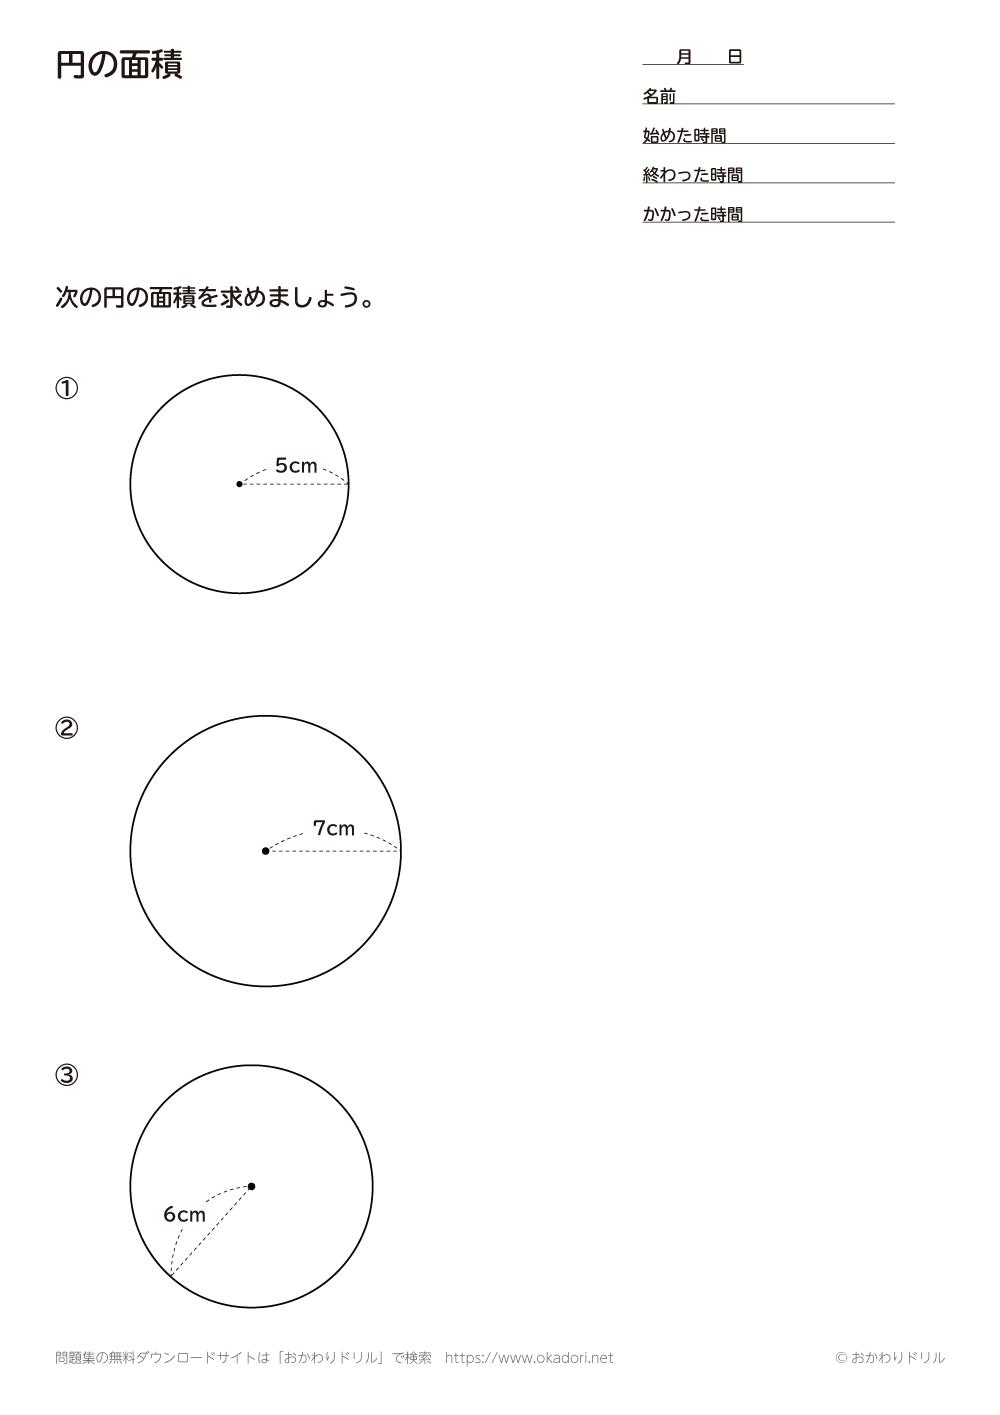 円の面積1